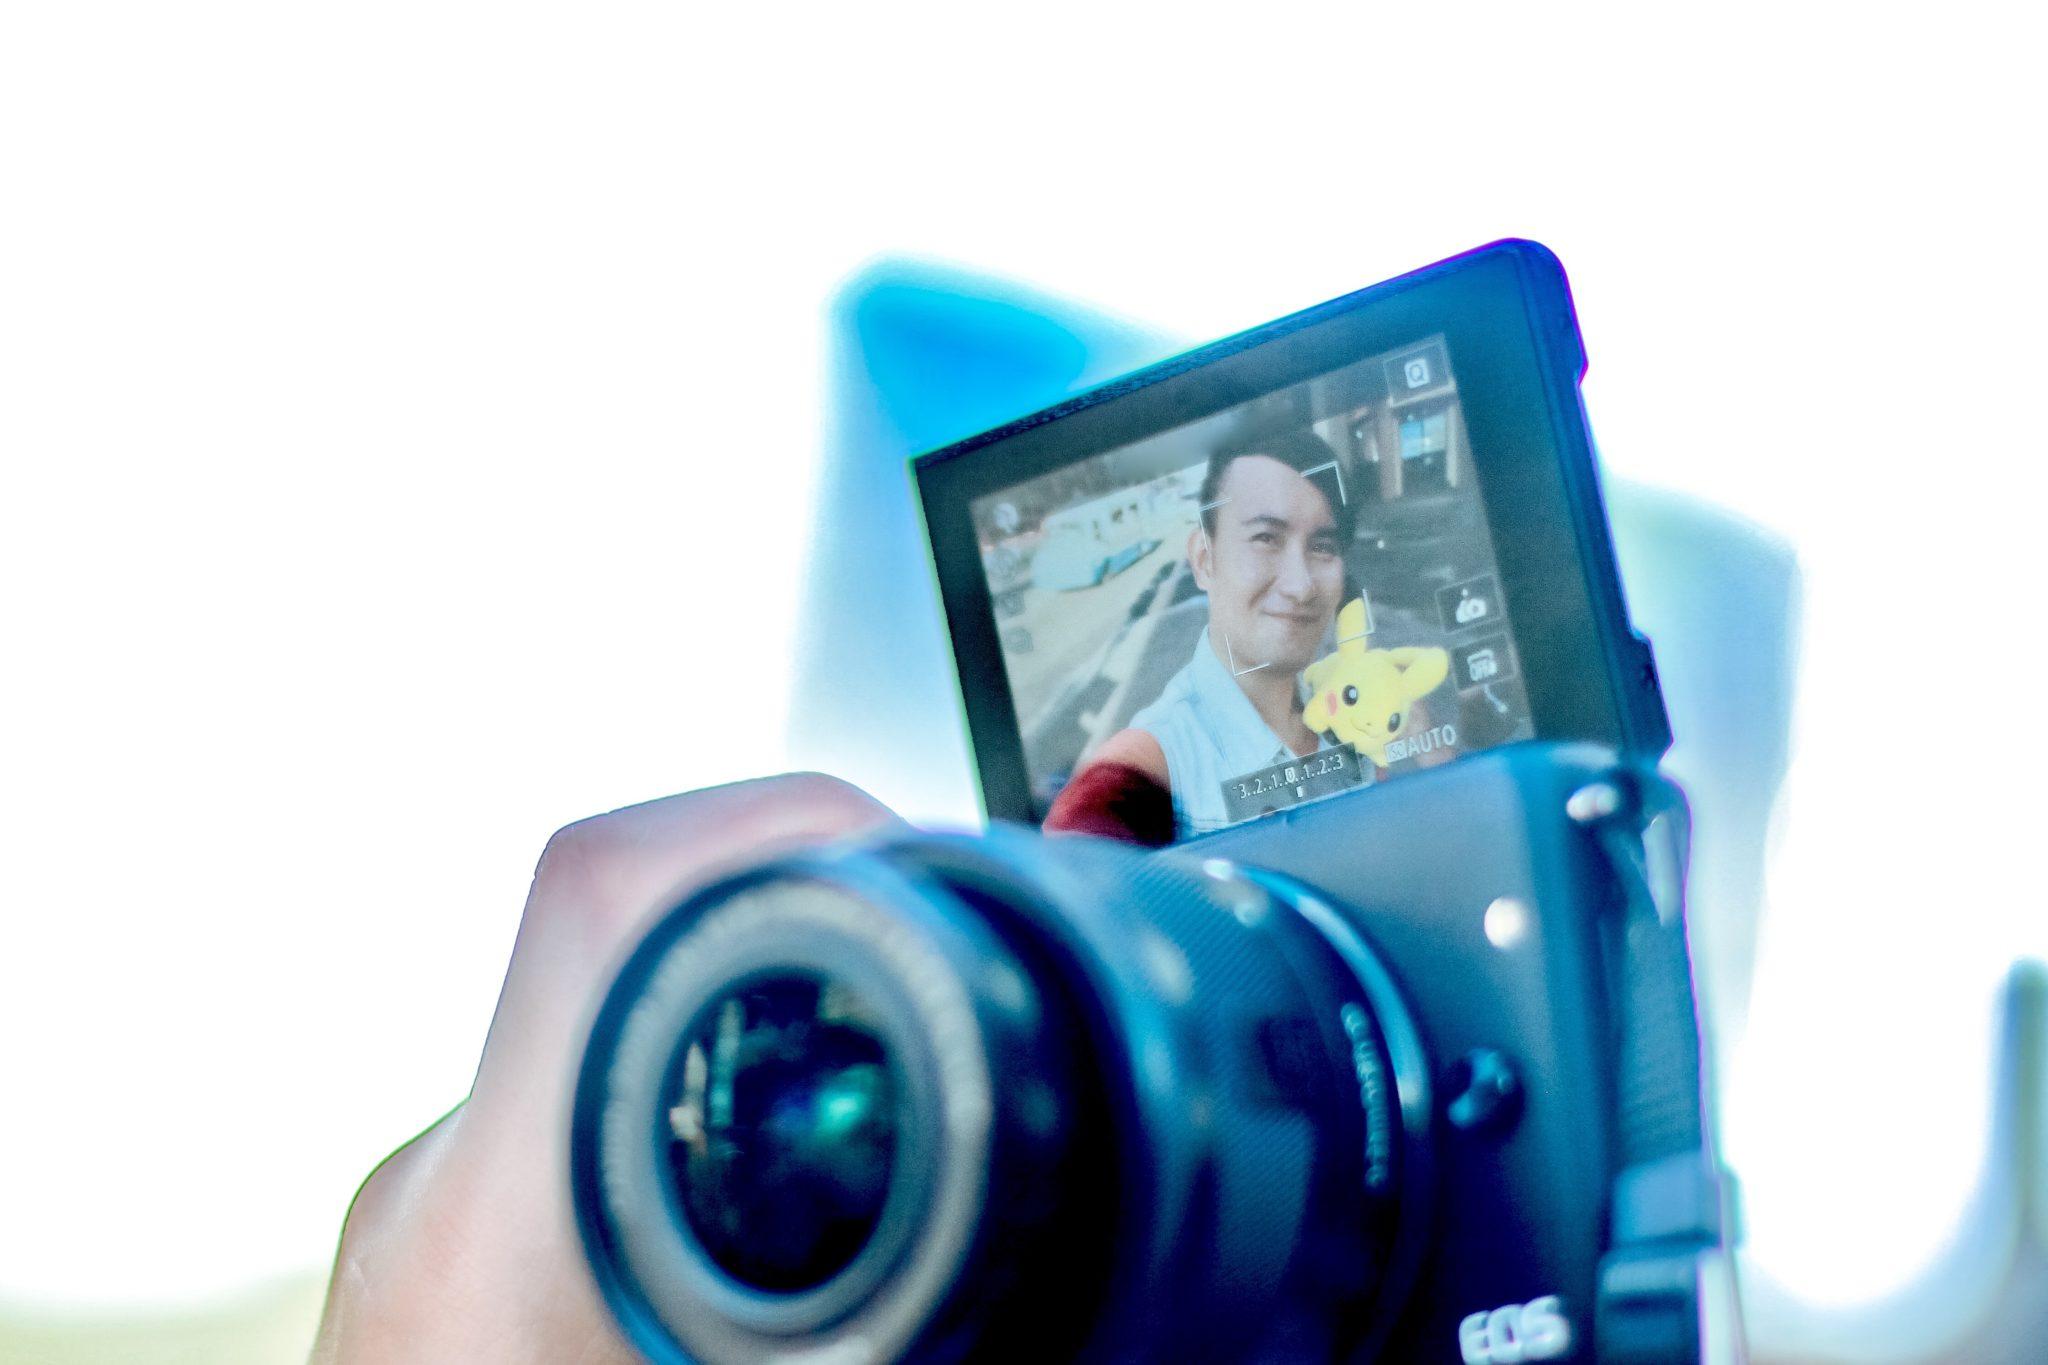 canon m10 camera